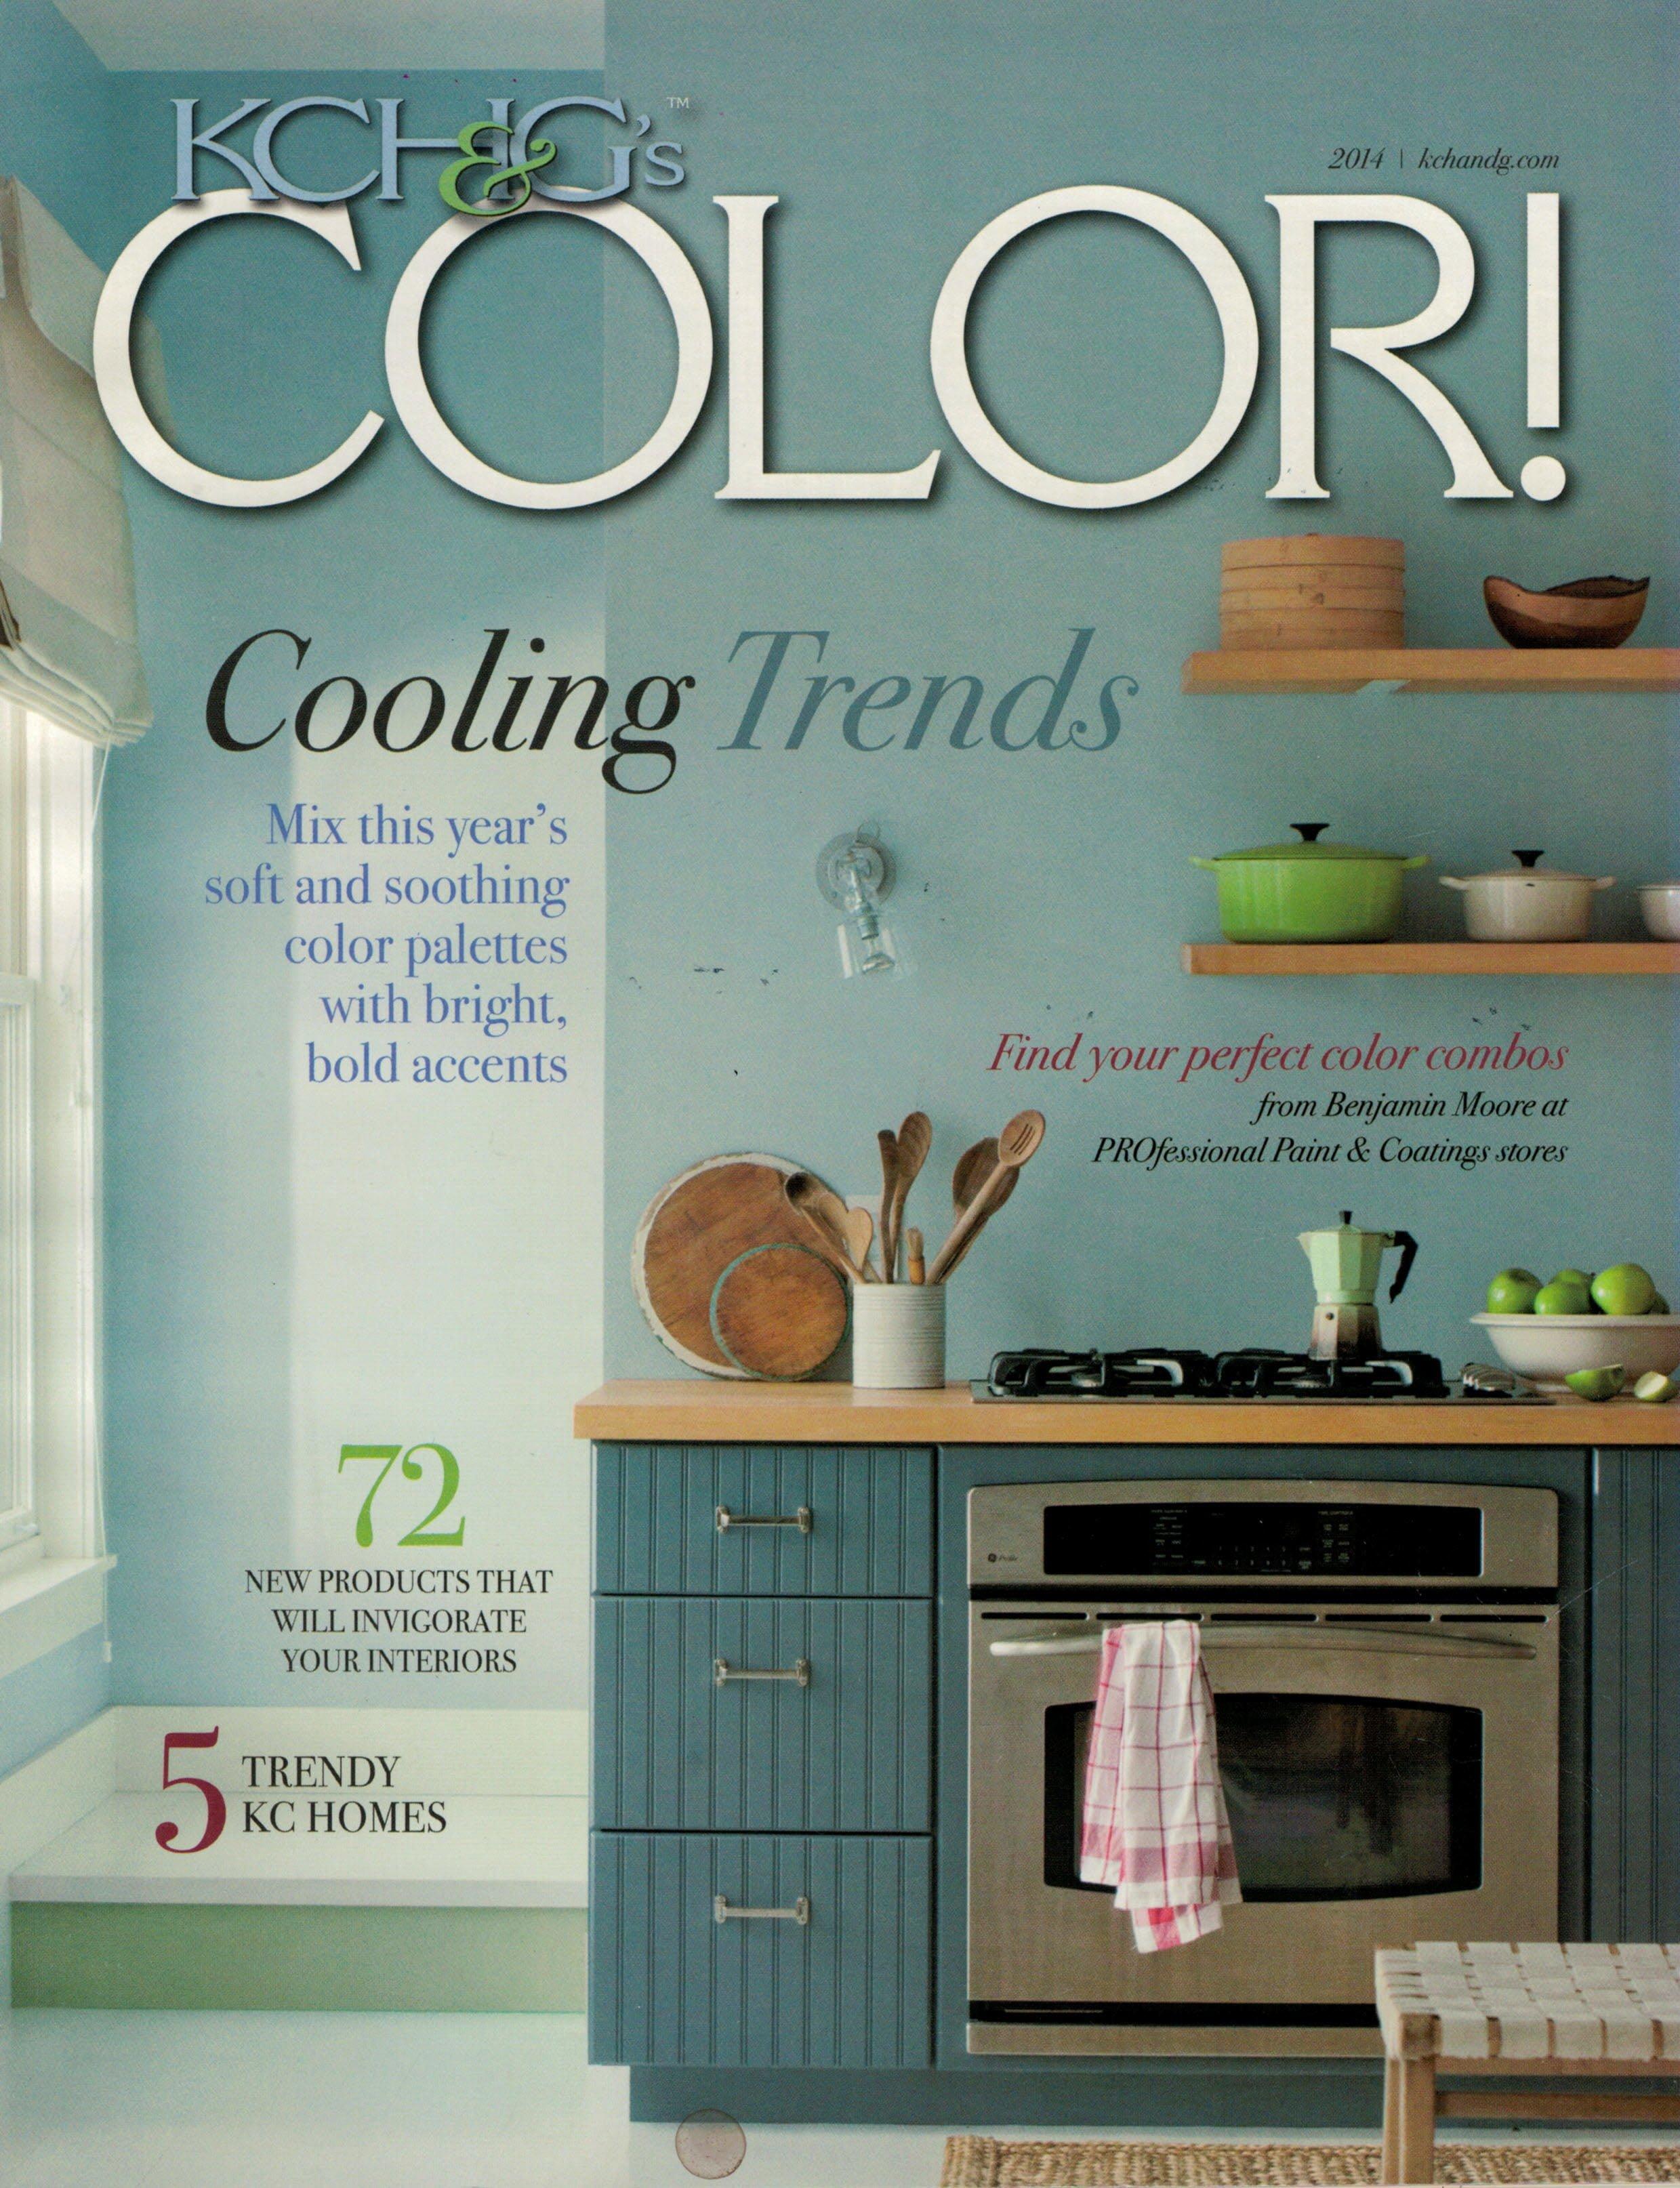 KCH&G Color Magazine